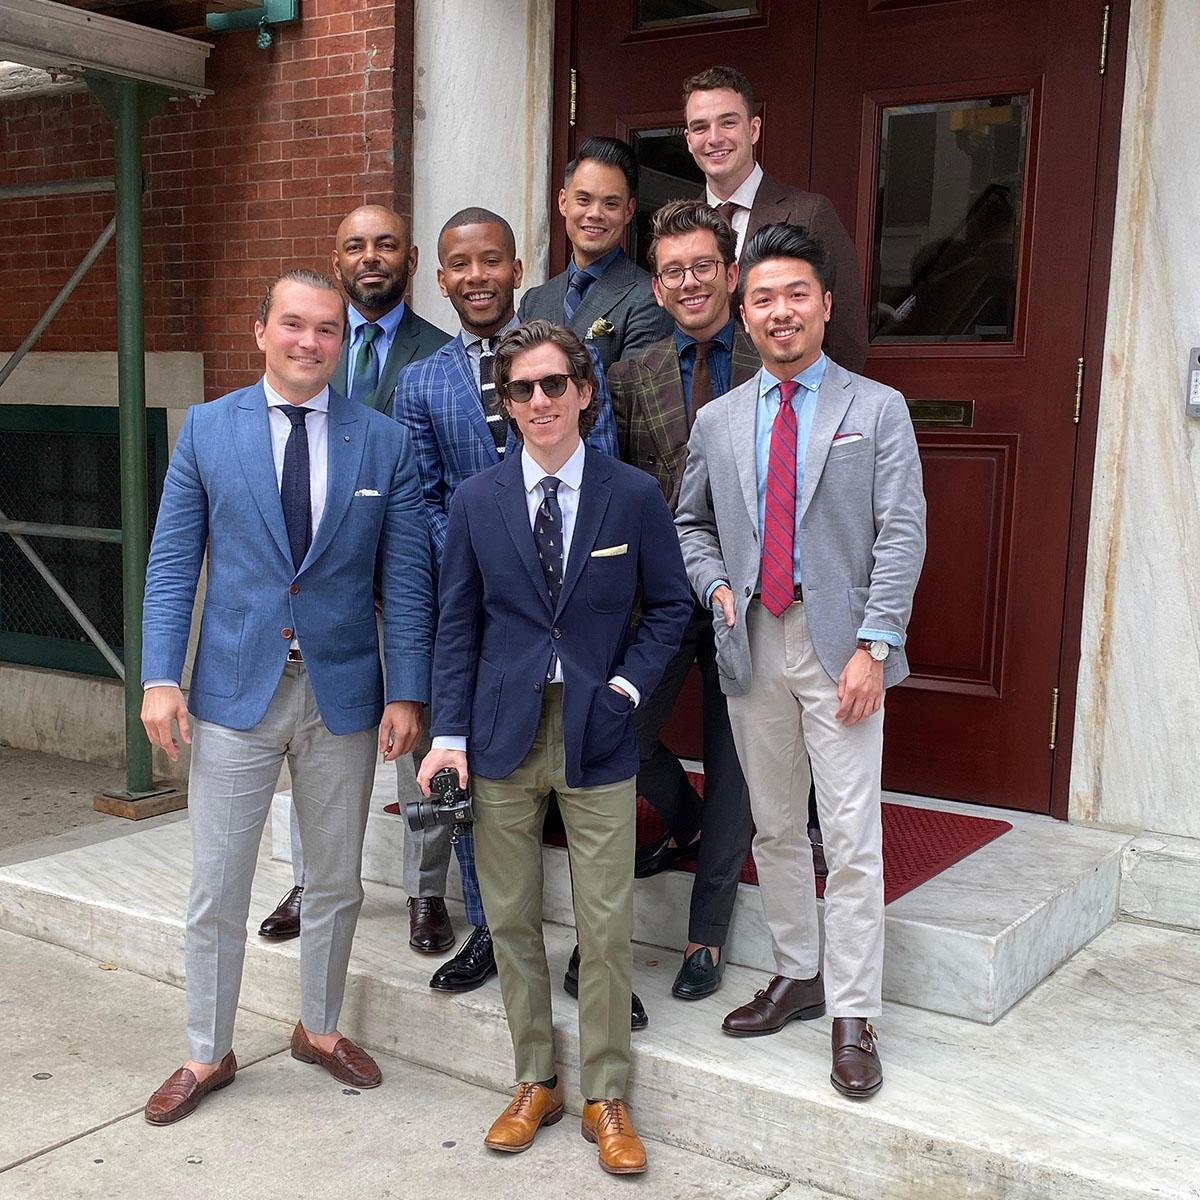 group of men wearing suit jackets and ties standing in front of brown door